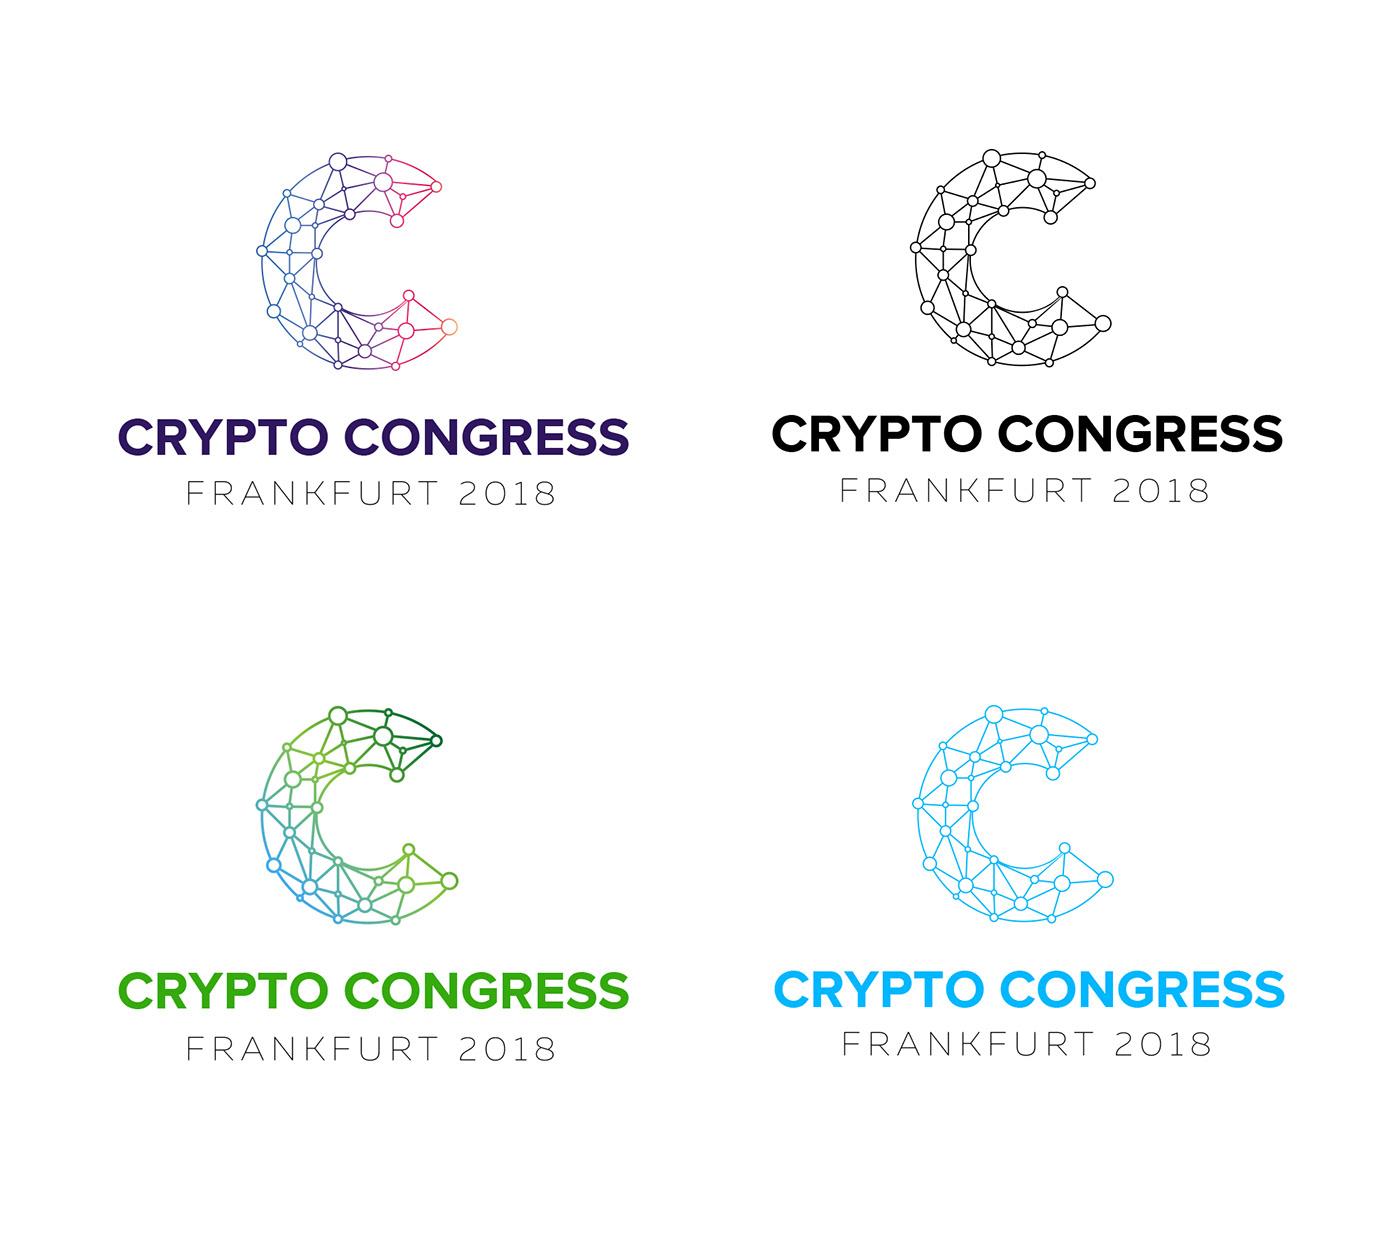 logo crypto bitcoin congress design